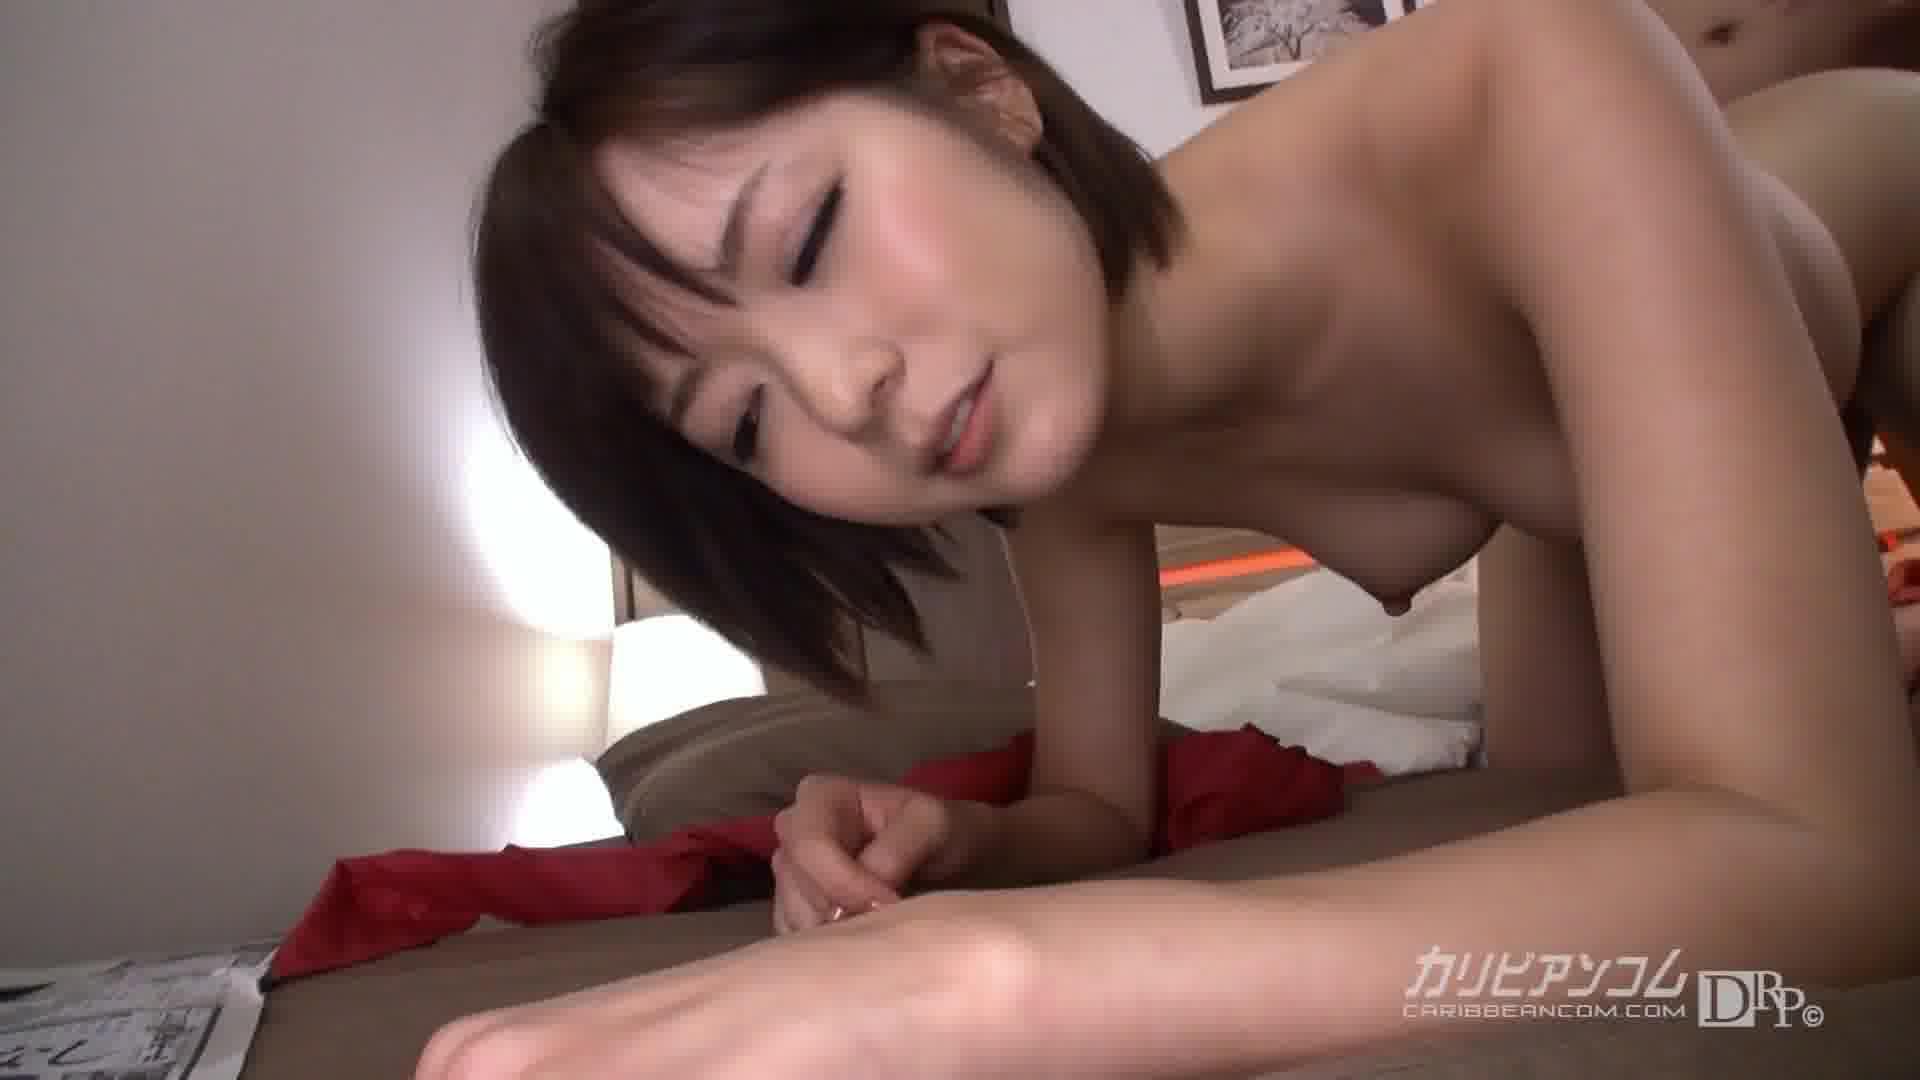 早抜き 麻倉憂BEST - 麻倉憂【ハメ撮り・制服・中出し】